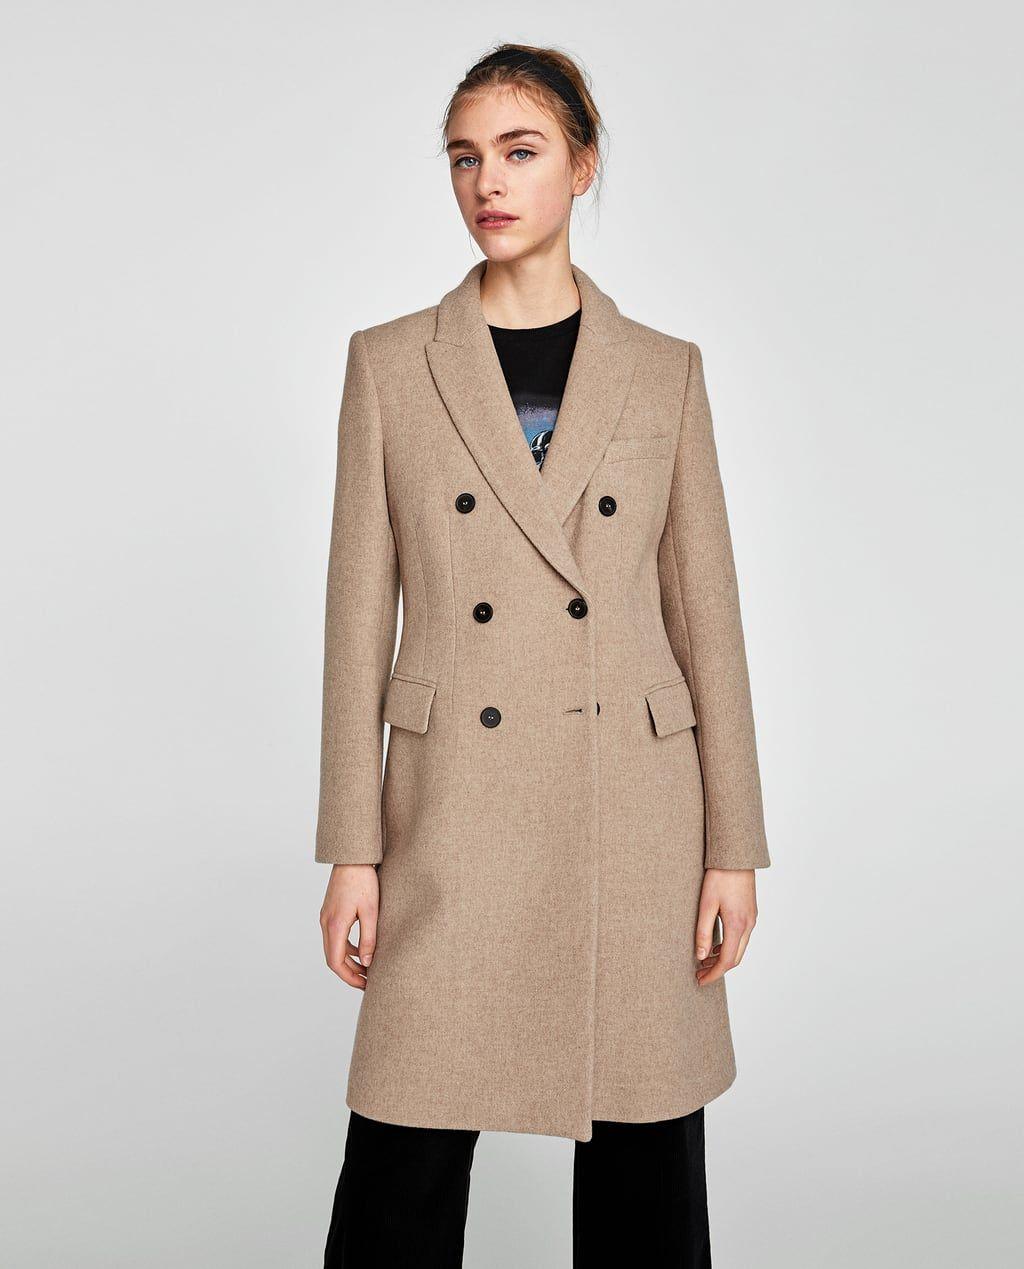 Bild 2 von ZWEIREIHIGER MANTEL von Zara in 2019 | Zara